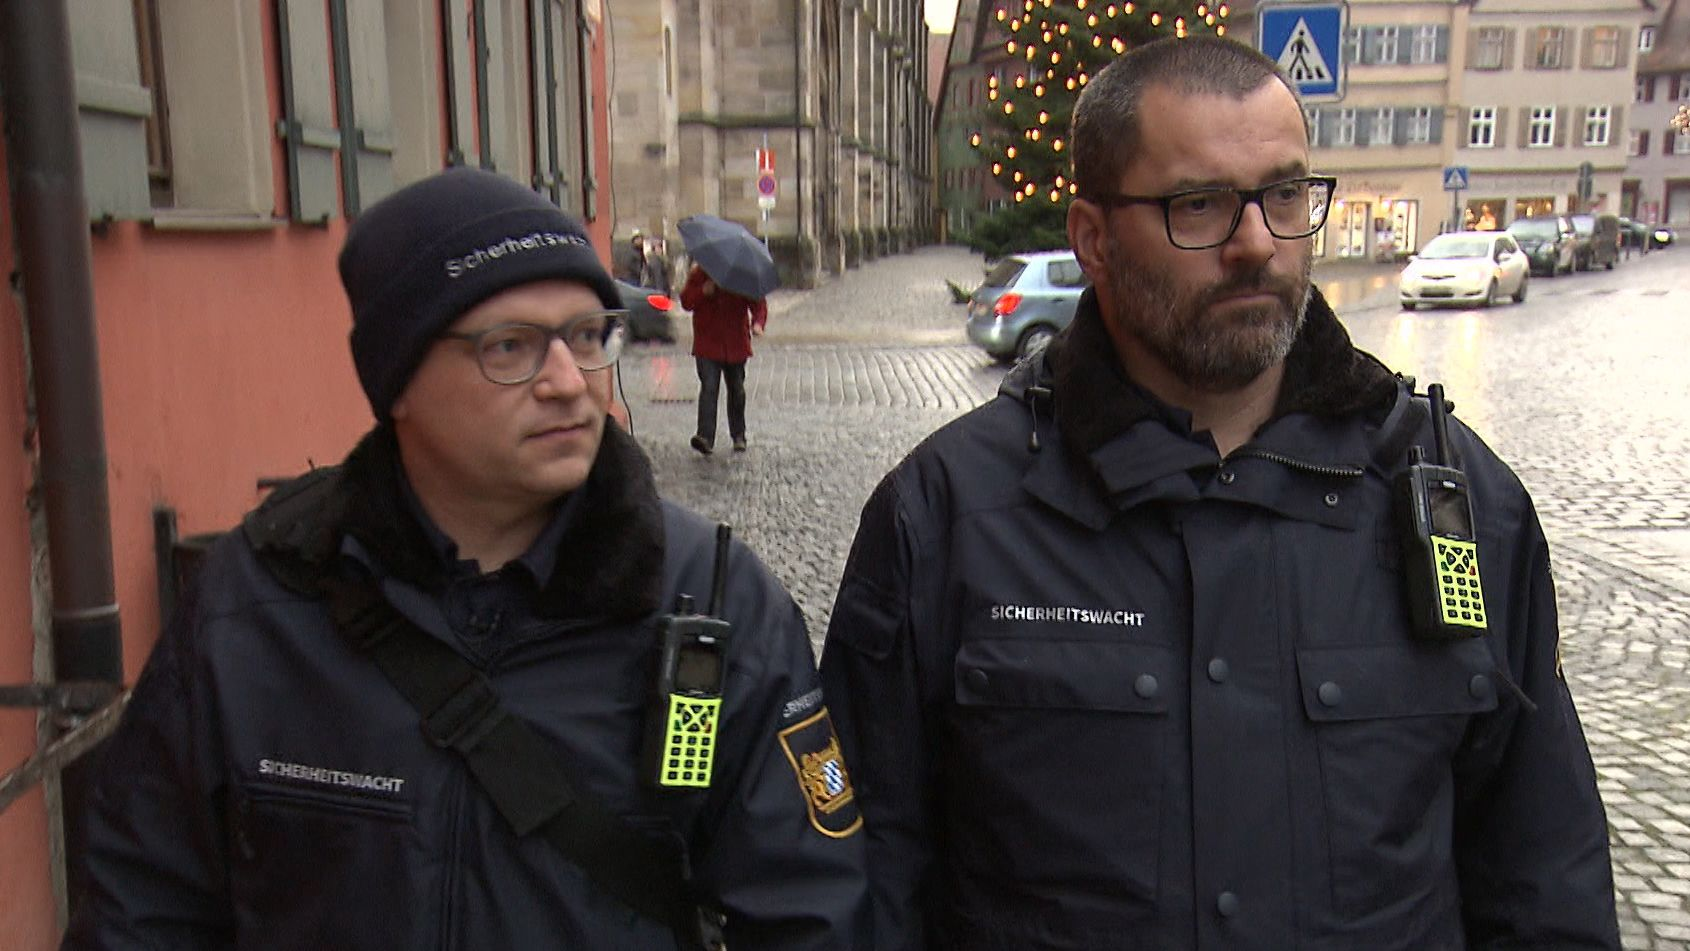 Mitglieder der Sicherheitswacht in Dinkelsbühl